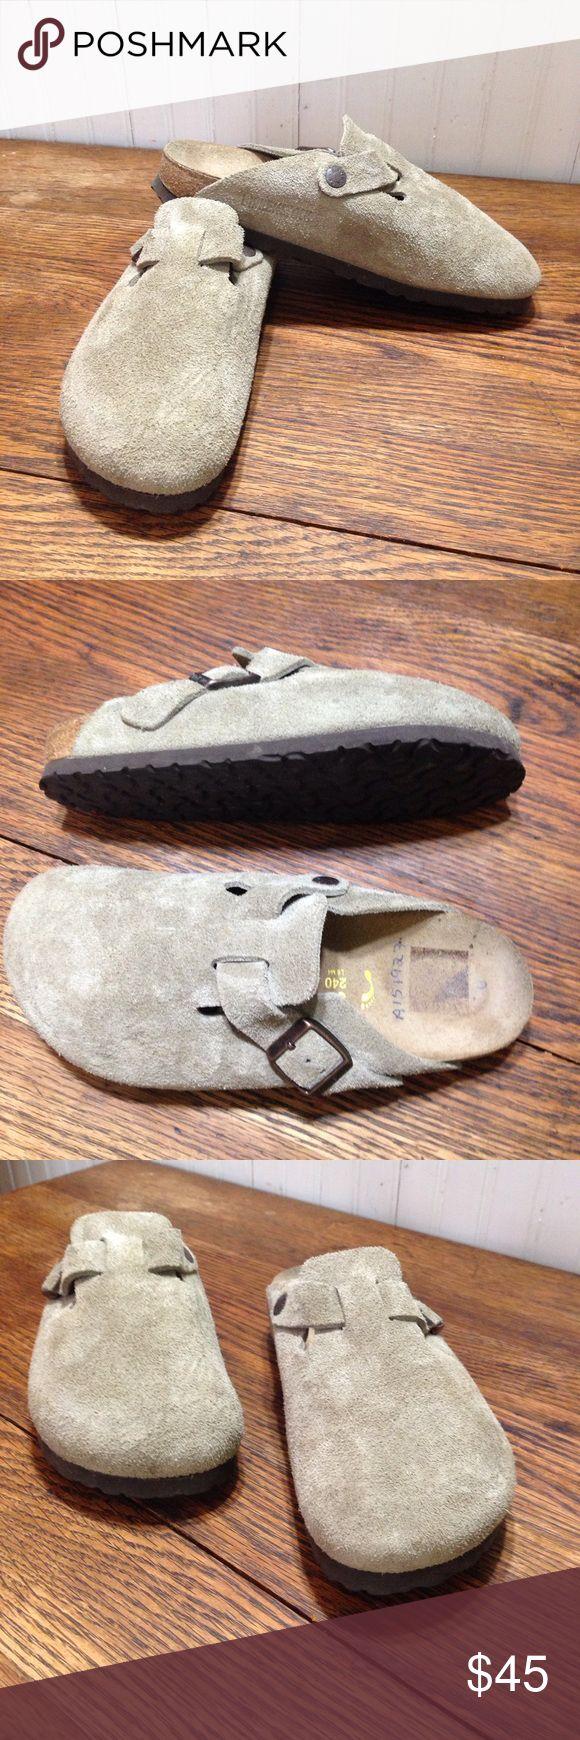 Birkenstock tan euro size 37/ ladies size 6 Birkenstock tan euro size 37/ ladies size 6, men's size 4 good condition, just pen marks on the inside heels Birkenstock Shoes